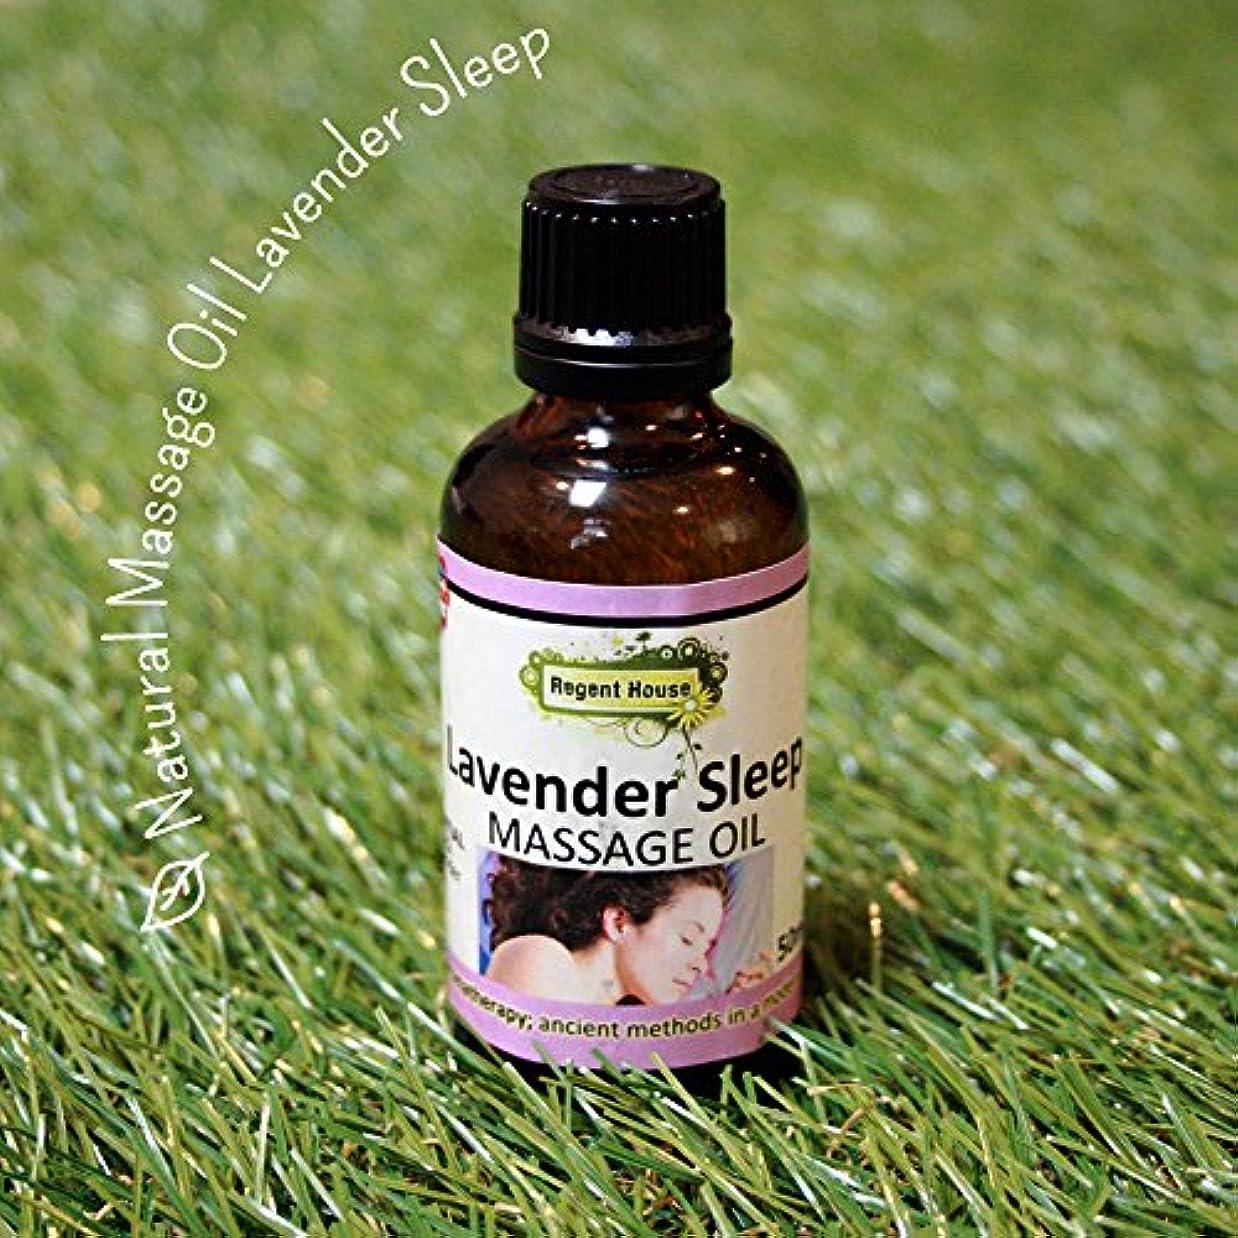 抽象化アーティスト分類フランス産のオーガニックラベンダーのみの、贅沢オイル。 アロマ ナチュラル マッサージオイル 50ml ラベンダースリープ(Aroma Massage Oil Lavender Sleep)